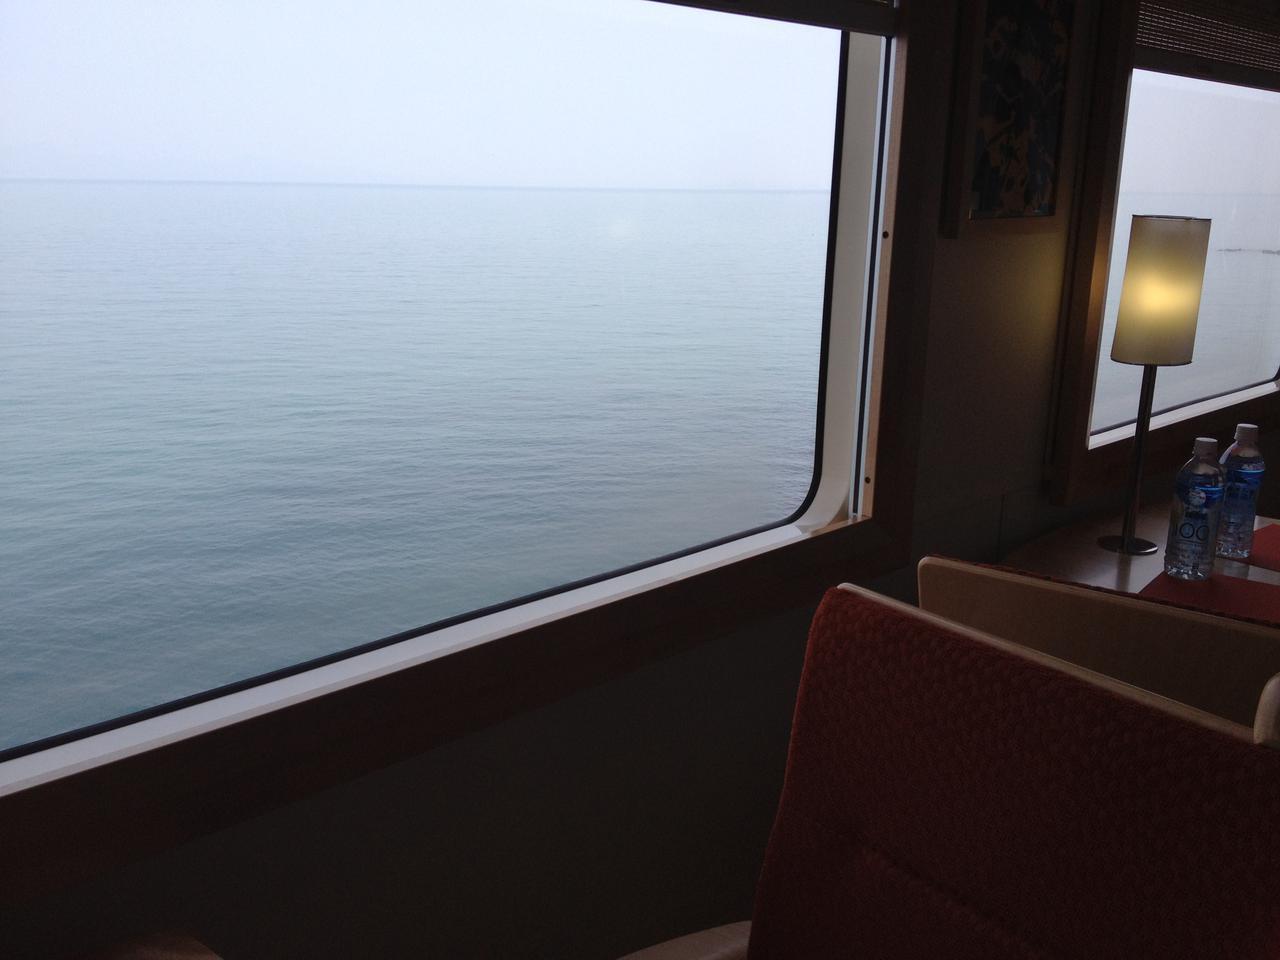 画像: 上田浦付近の車窓。海の上を走っているかのように見える(肥薩おれんじ鉄道提供)